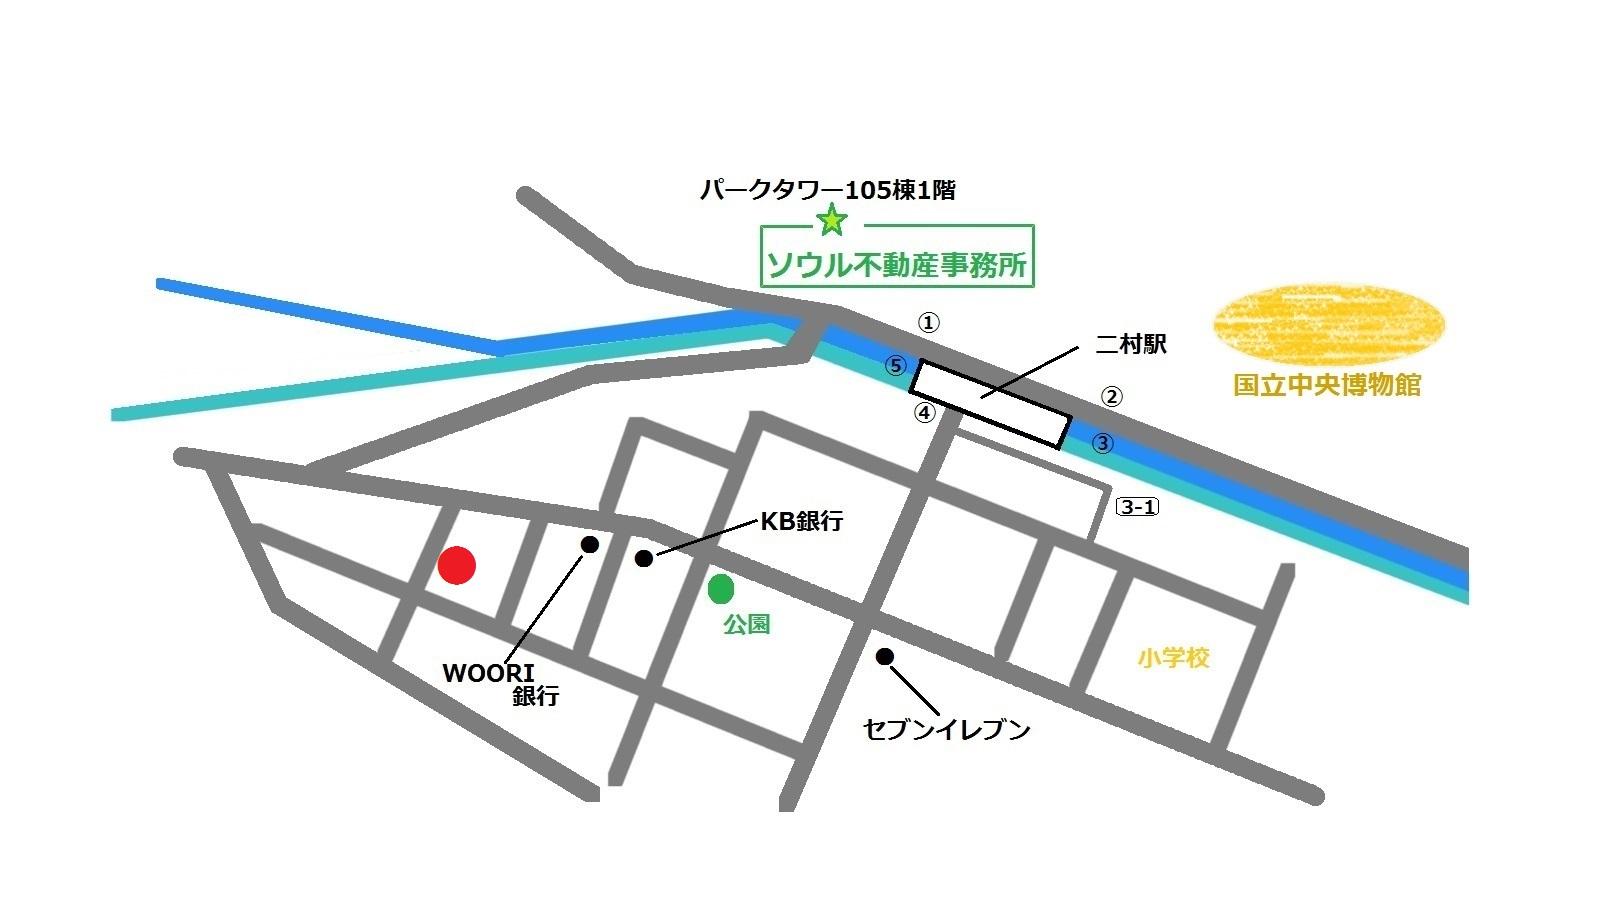 韓国 二村ステイク 이촌스테이크 地図